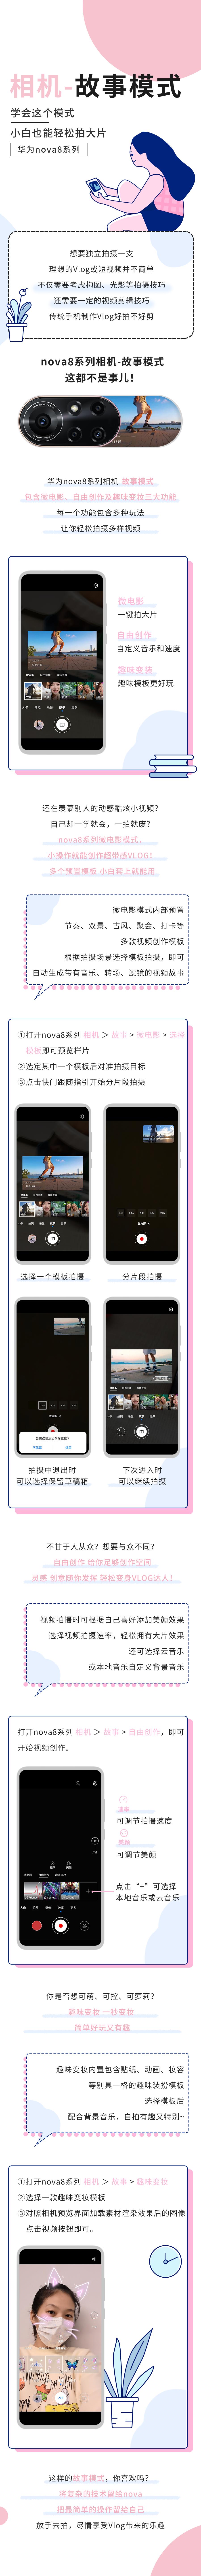 nova8系列相机故事模式.png